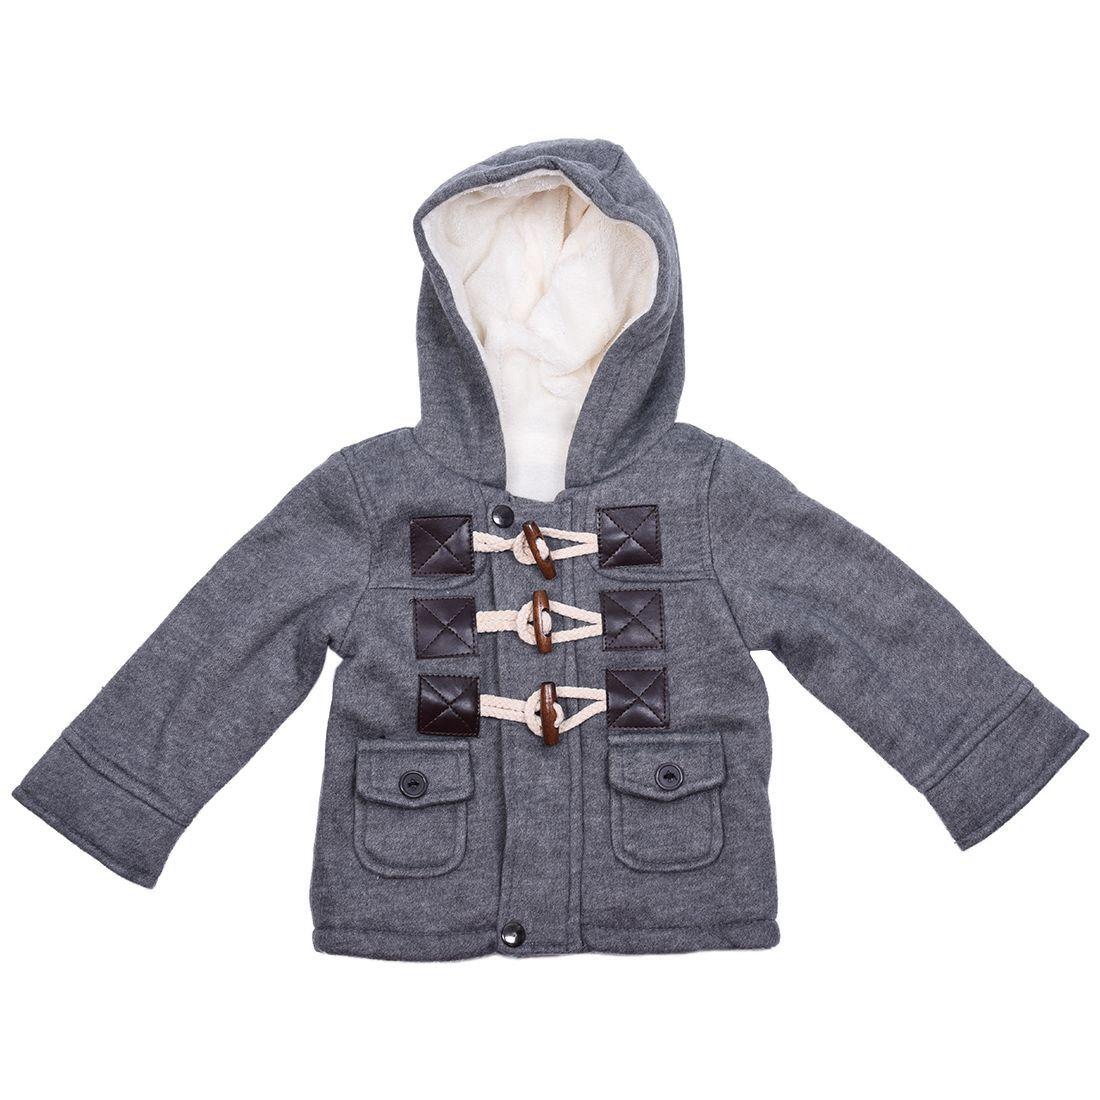 Babykleidung Jungen Diszipliniert Neue Baby Jungen Jacke Winter Kleidung Oberbekleidung Mantel Baumwolle Dicke Kinder Schneeanzug Kleidung Kinder Kleidung Mit Kapuze